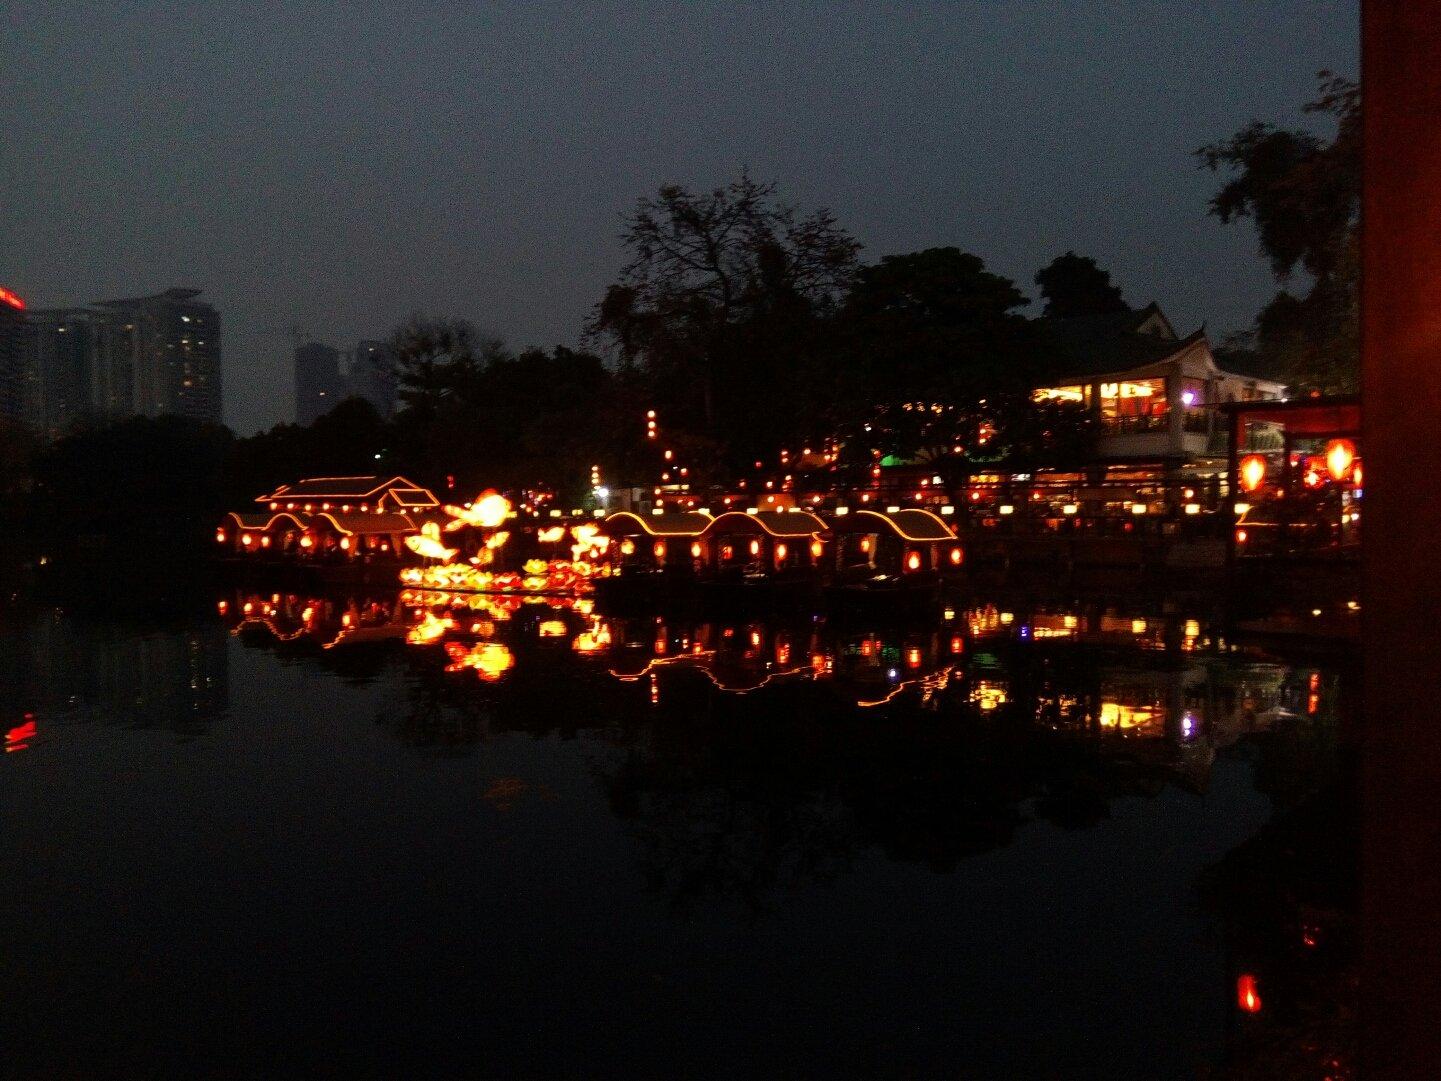 广东省广州市荔湾区昌华女生鱼栏初中_圣域之光描写可爱分享外貌大街街道的图片